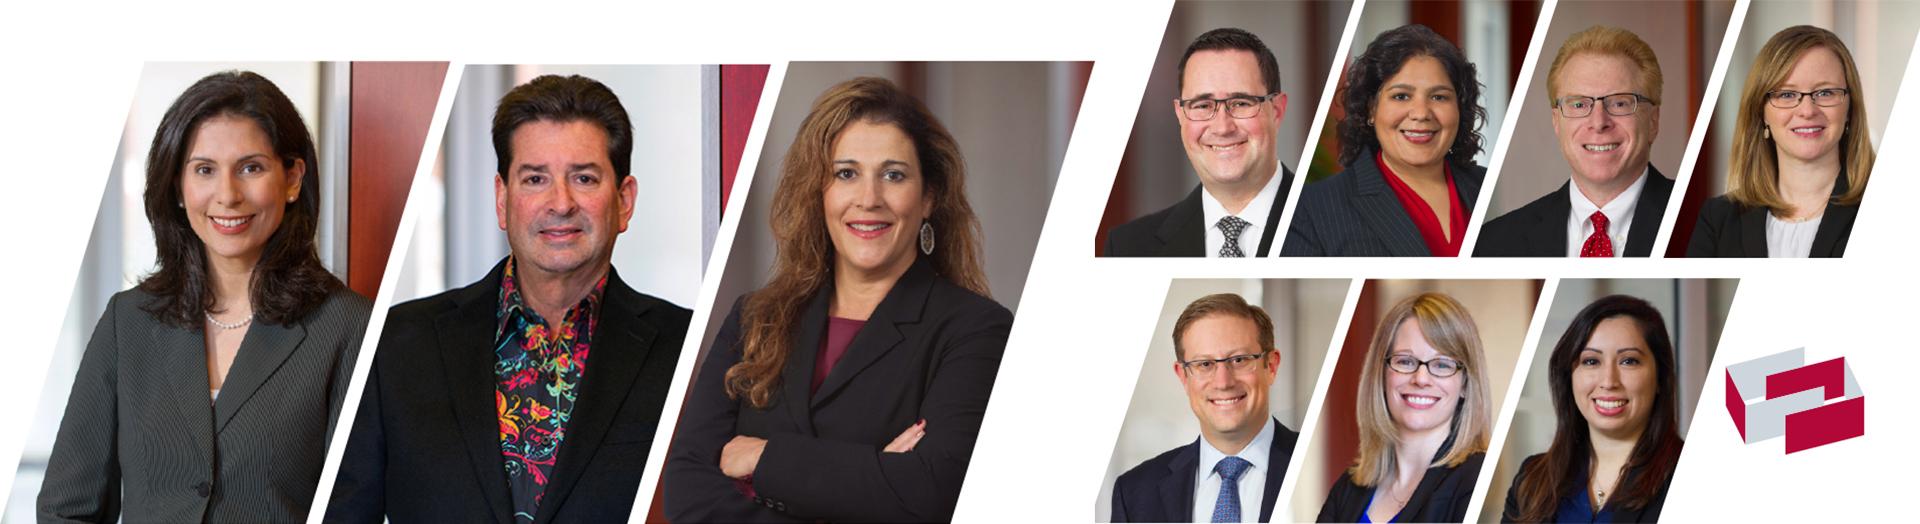 Personal Injury Attorneys of Stein Sperling